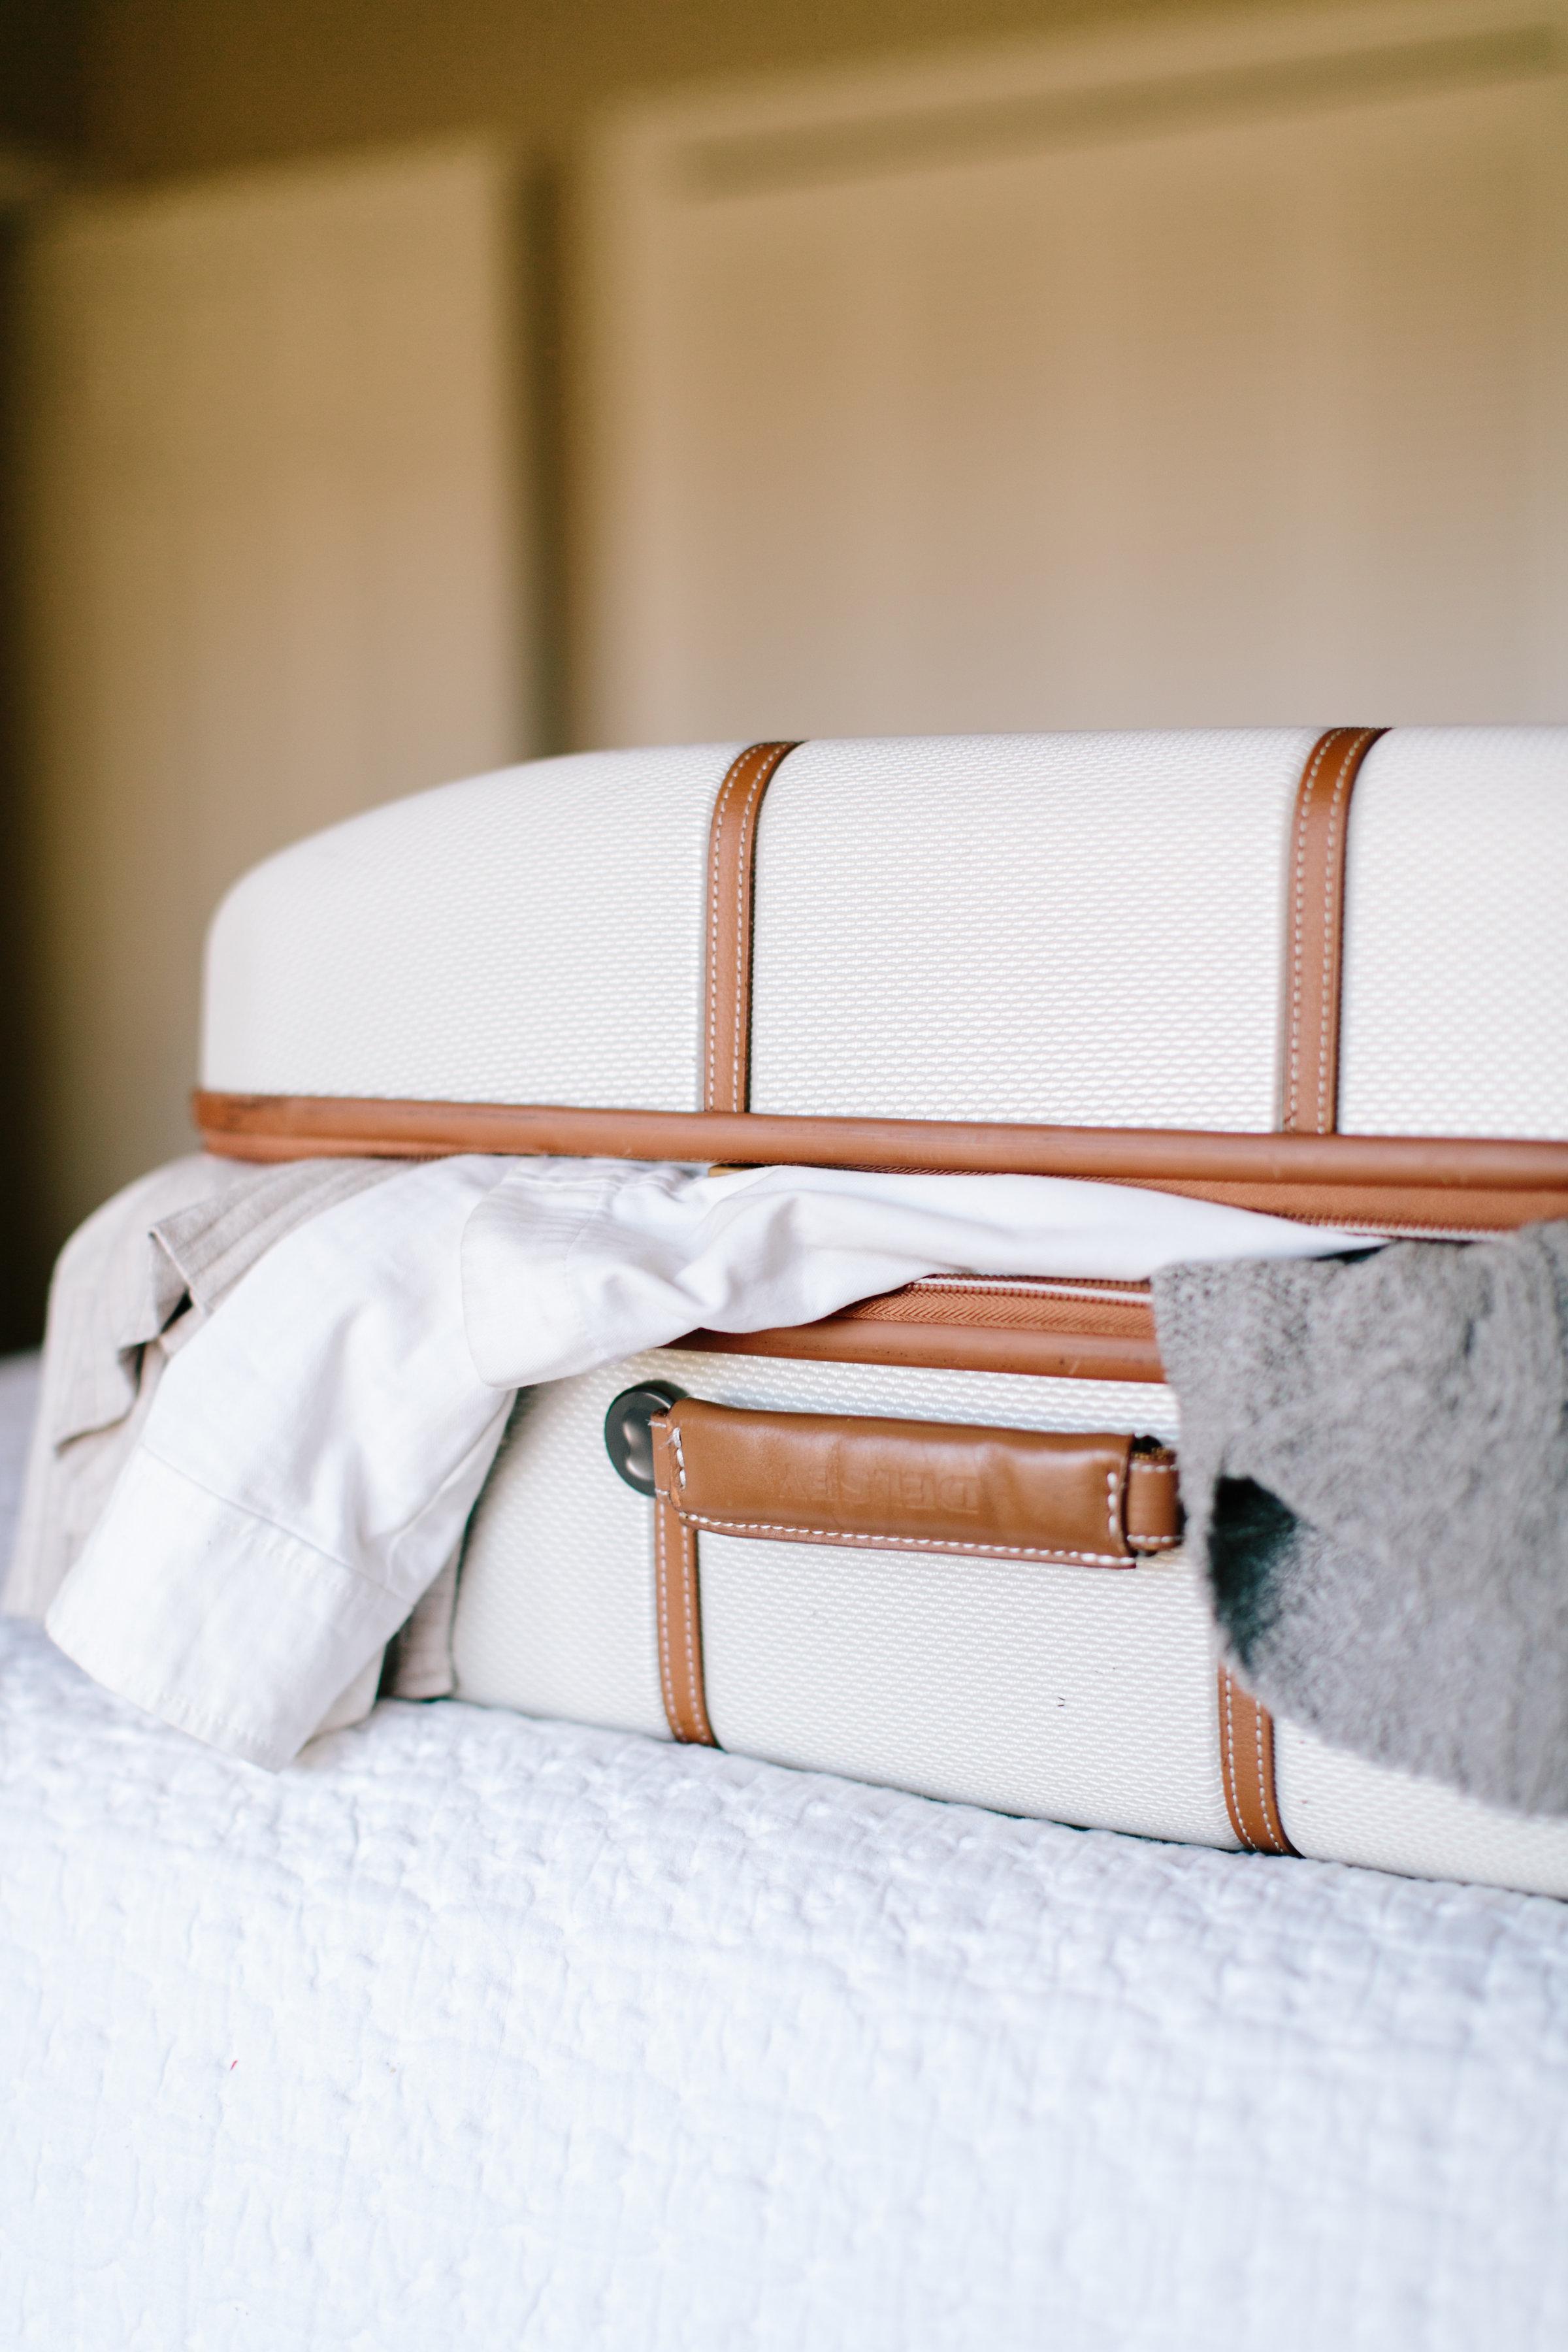 packing-guide.jpg